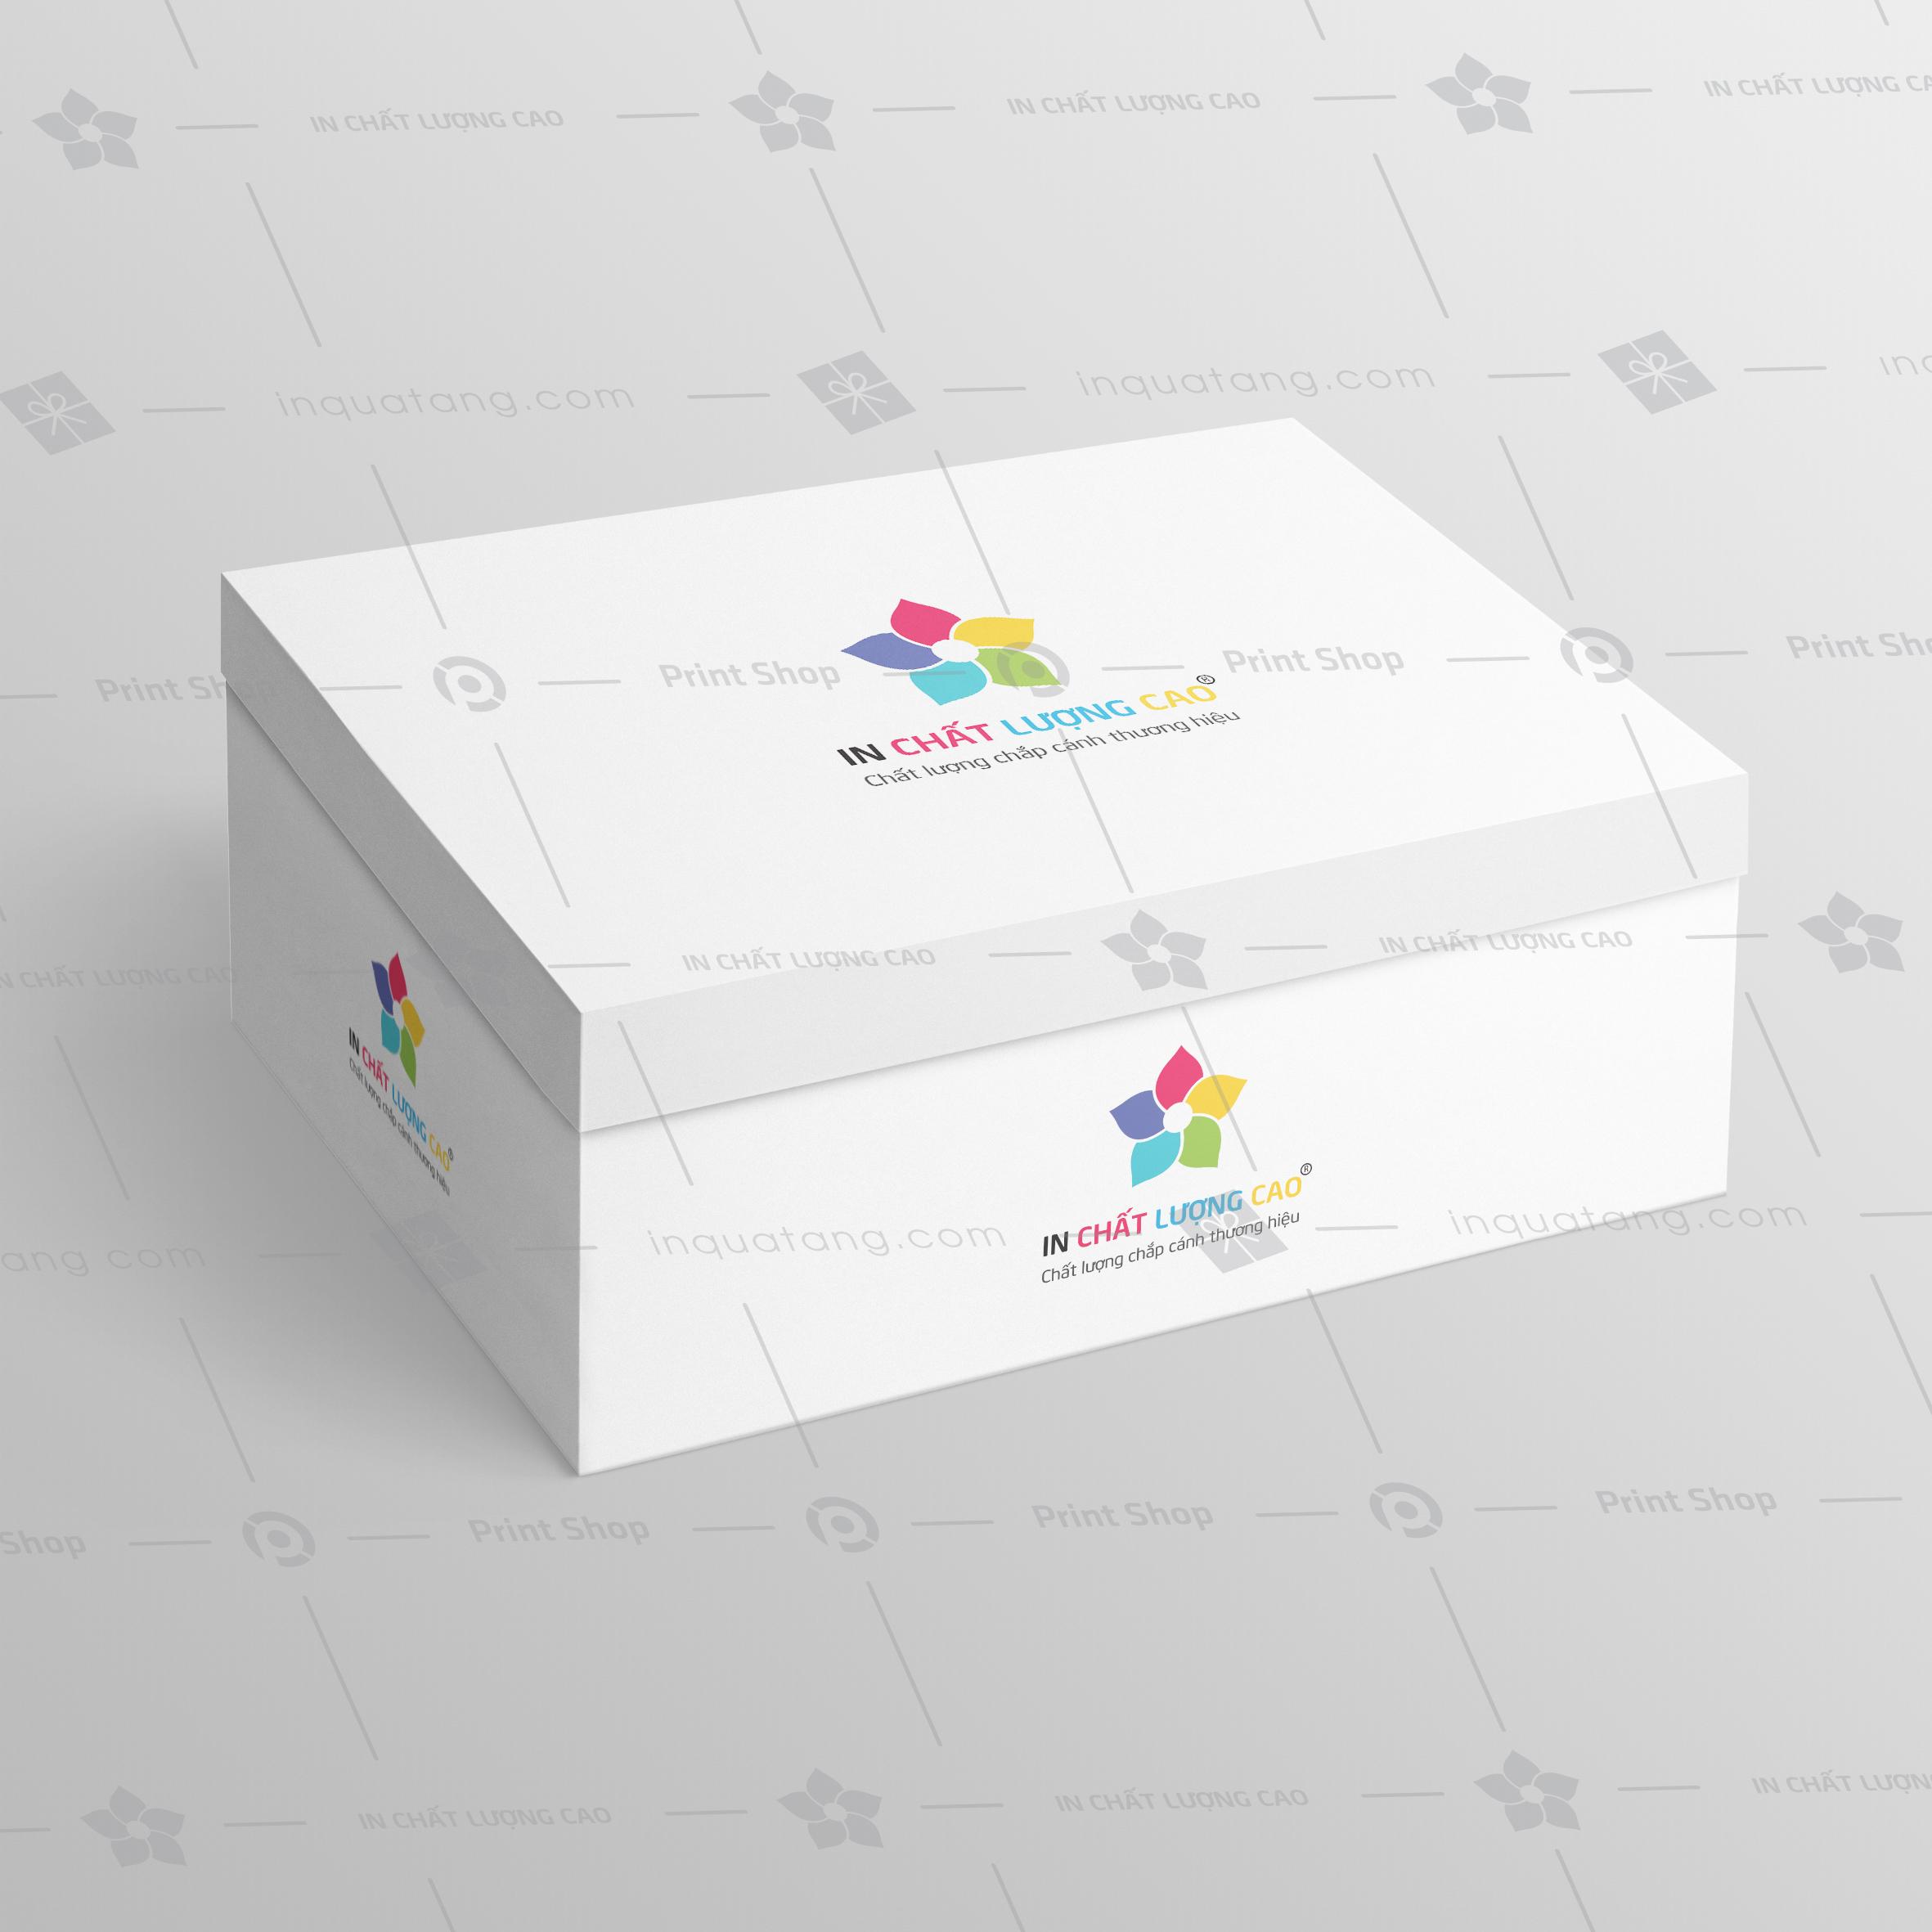 In hộp giấy chất lượng